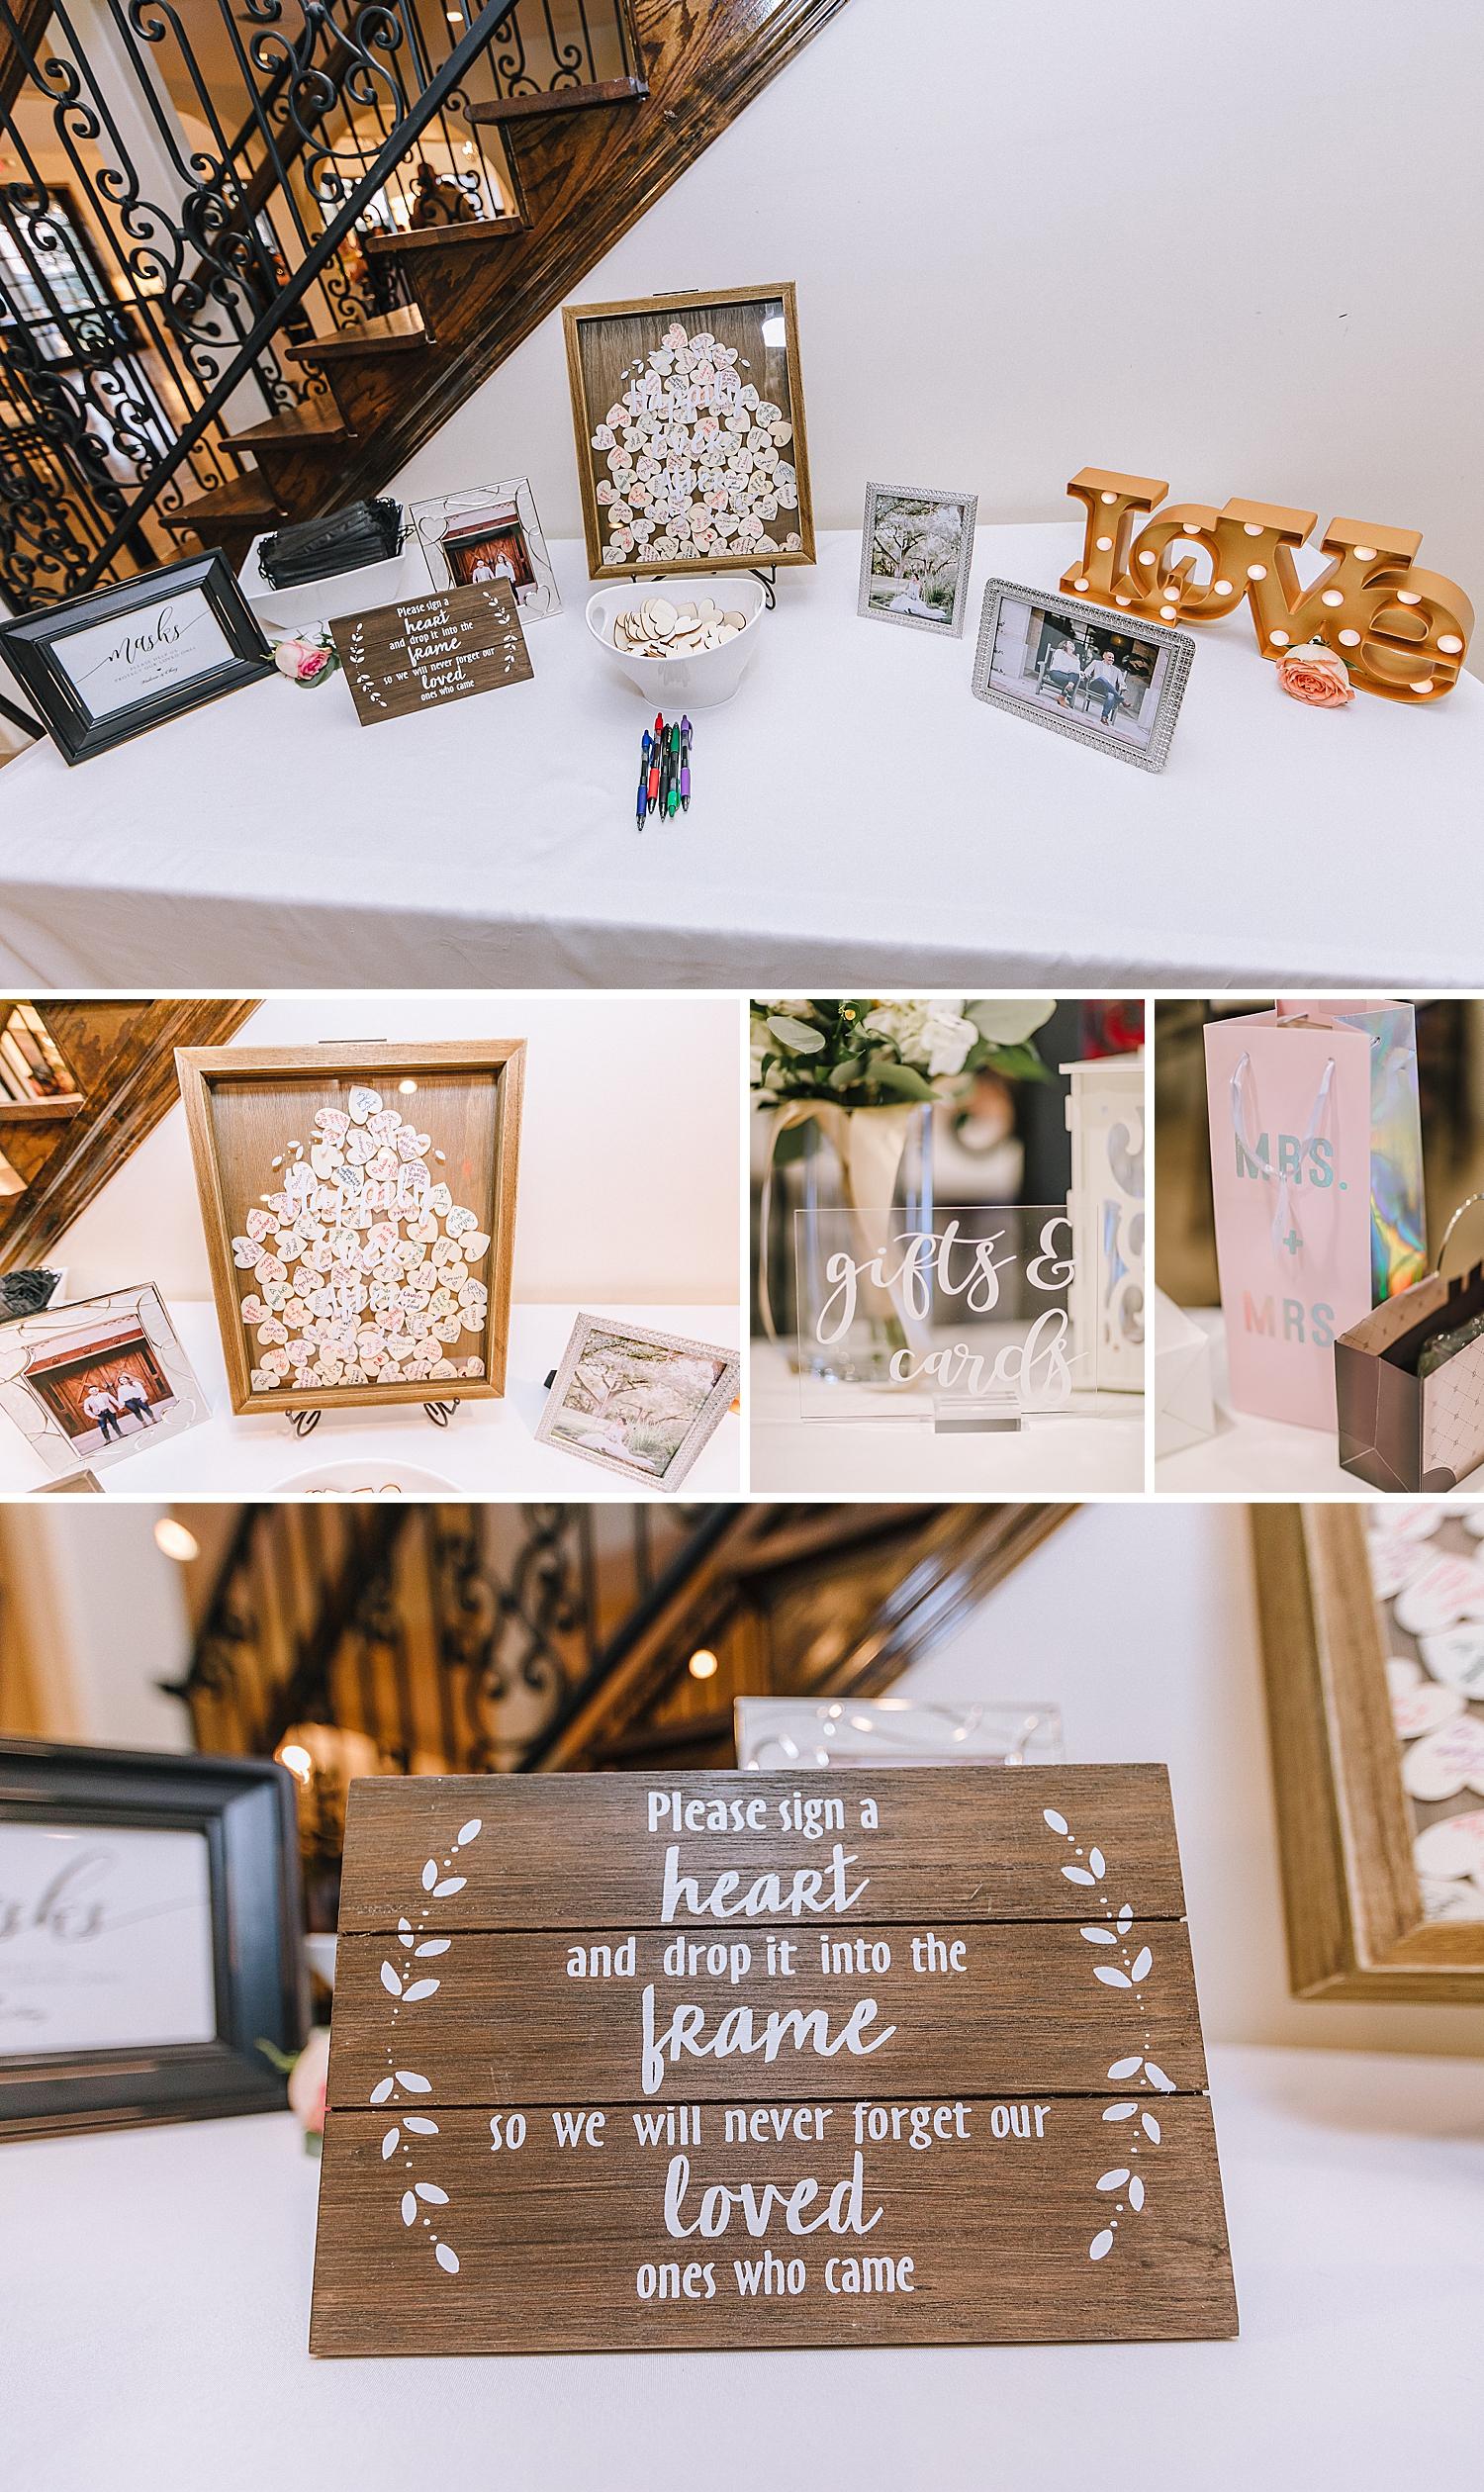 Carly-Barton-Photography-The-Villa-at-Cielo-Vista-Blush-Gold-White-Wedding-Photos_0020.jpg